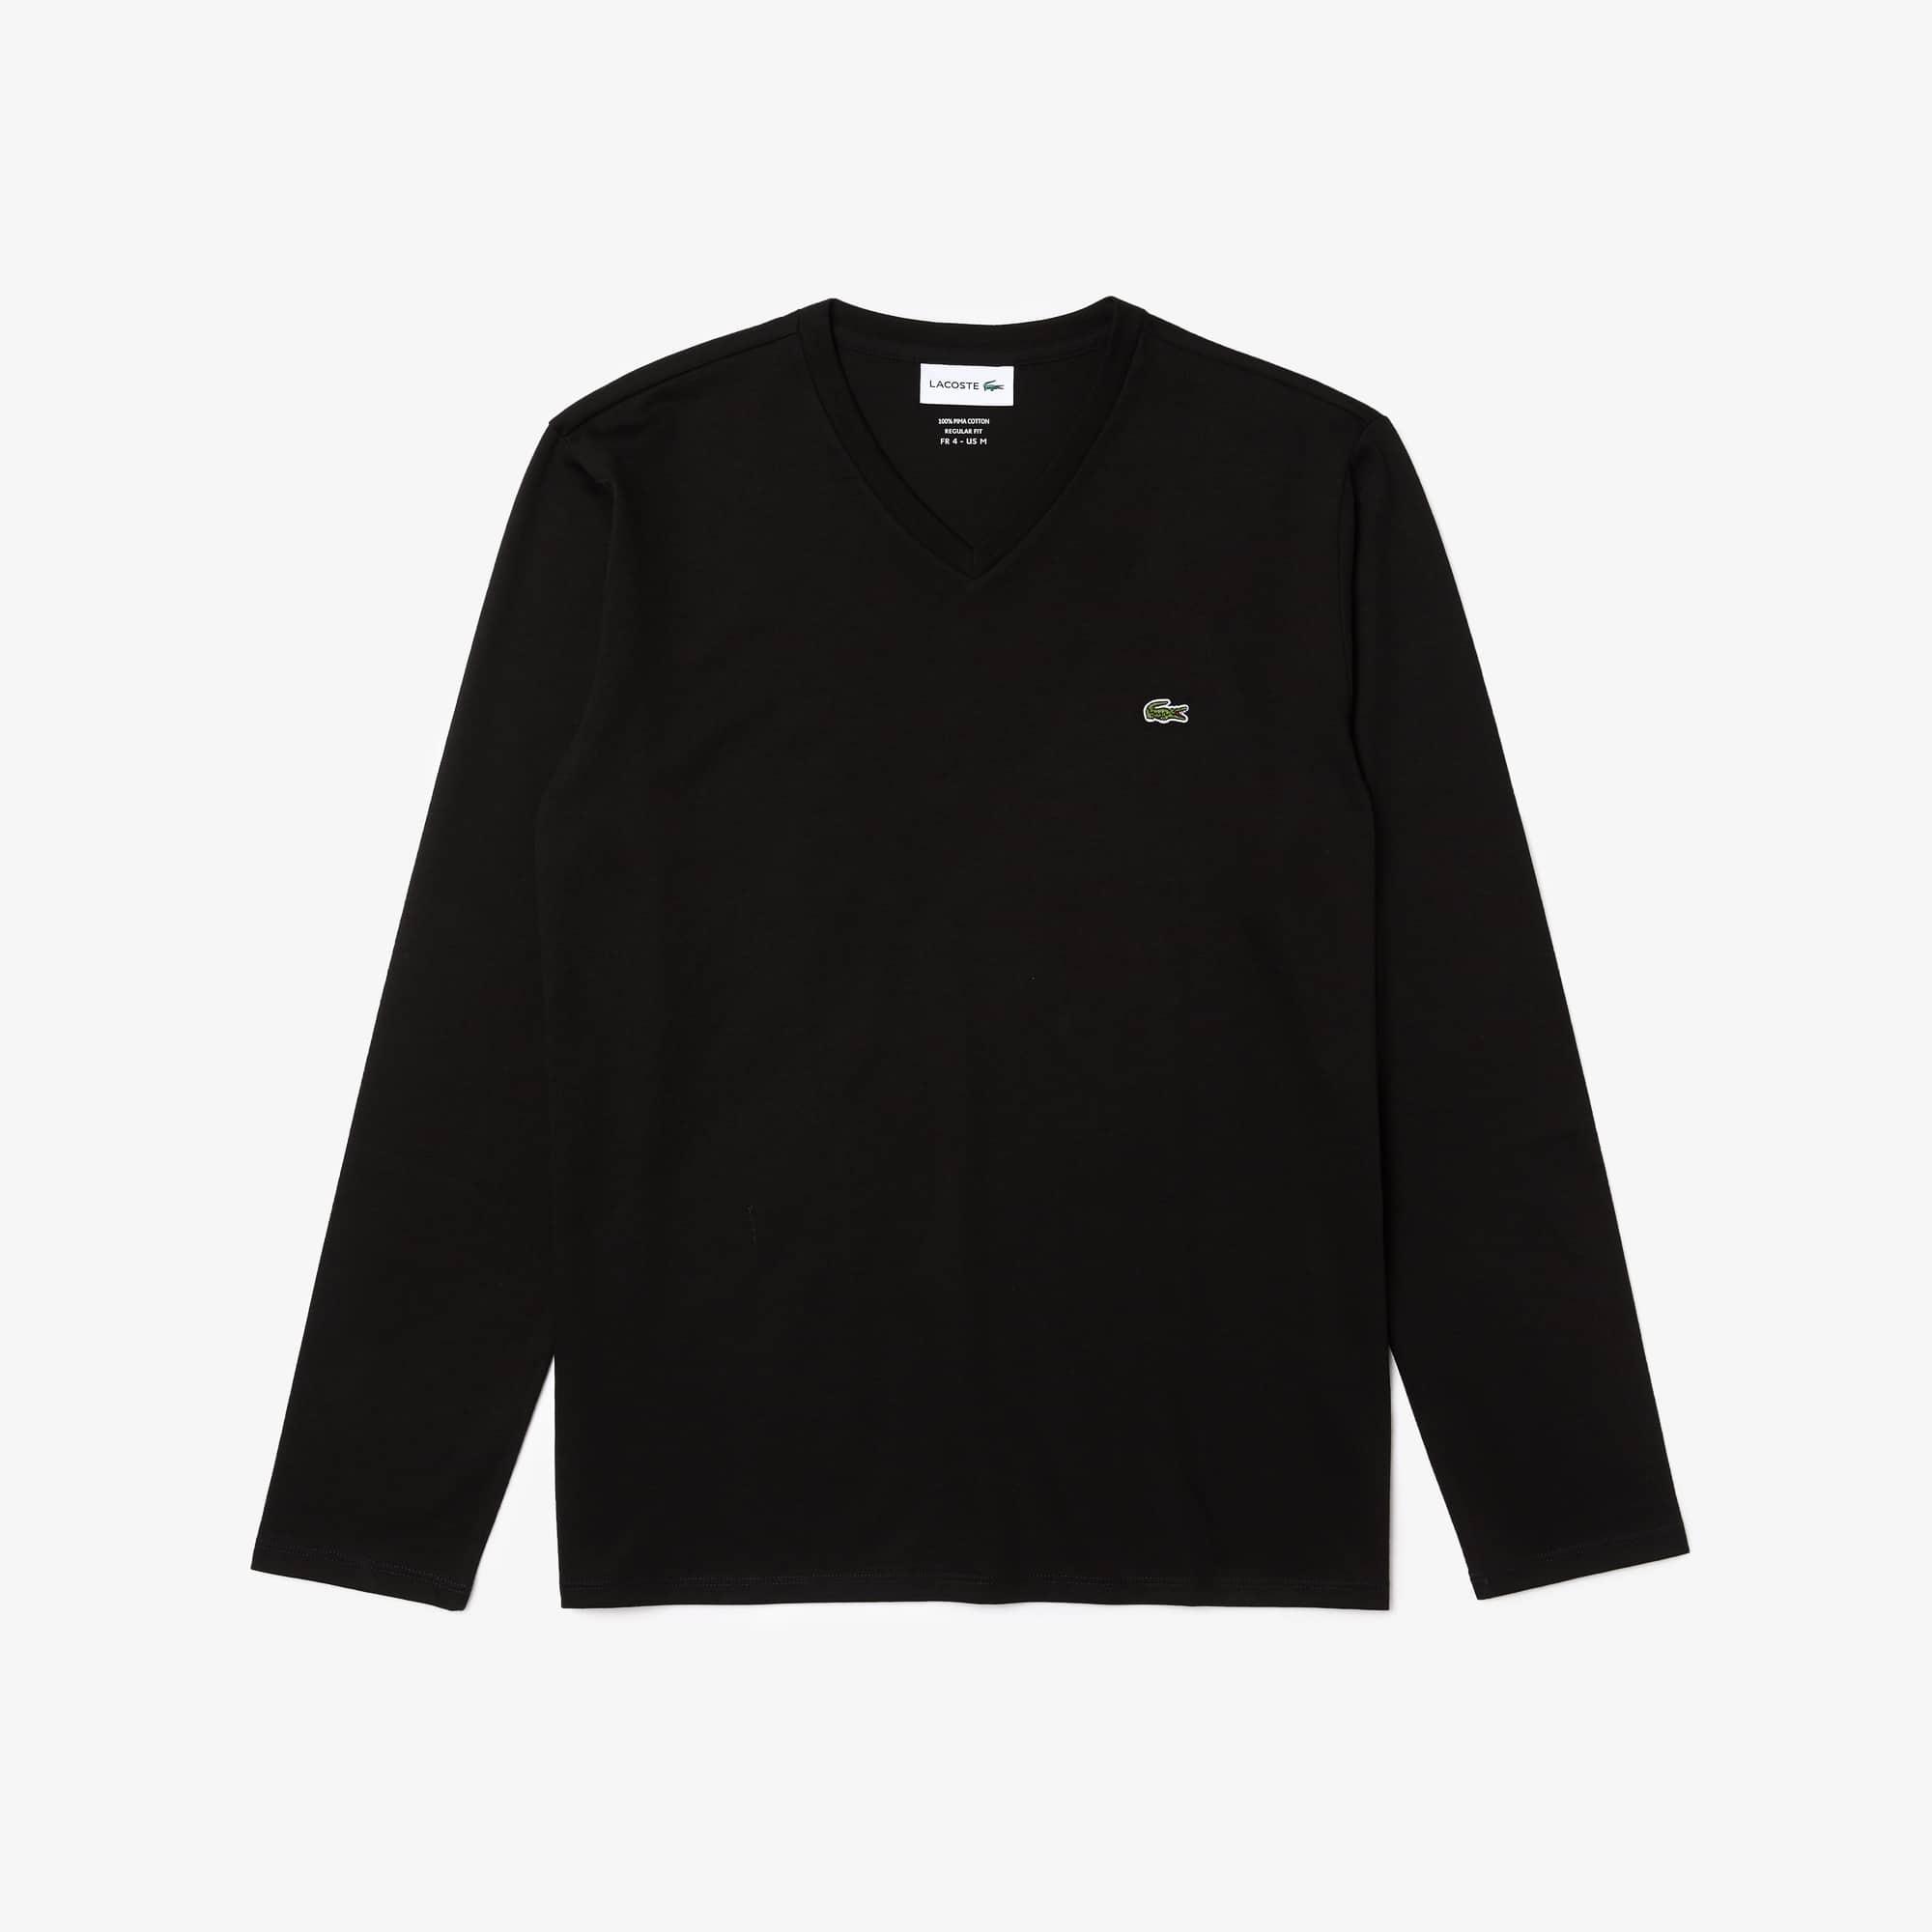 라코스테 브이넥 긴팔 티셔츠 블랙 Lacoste Mens V-neck Pima Cotton Jersey T-shirt, black